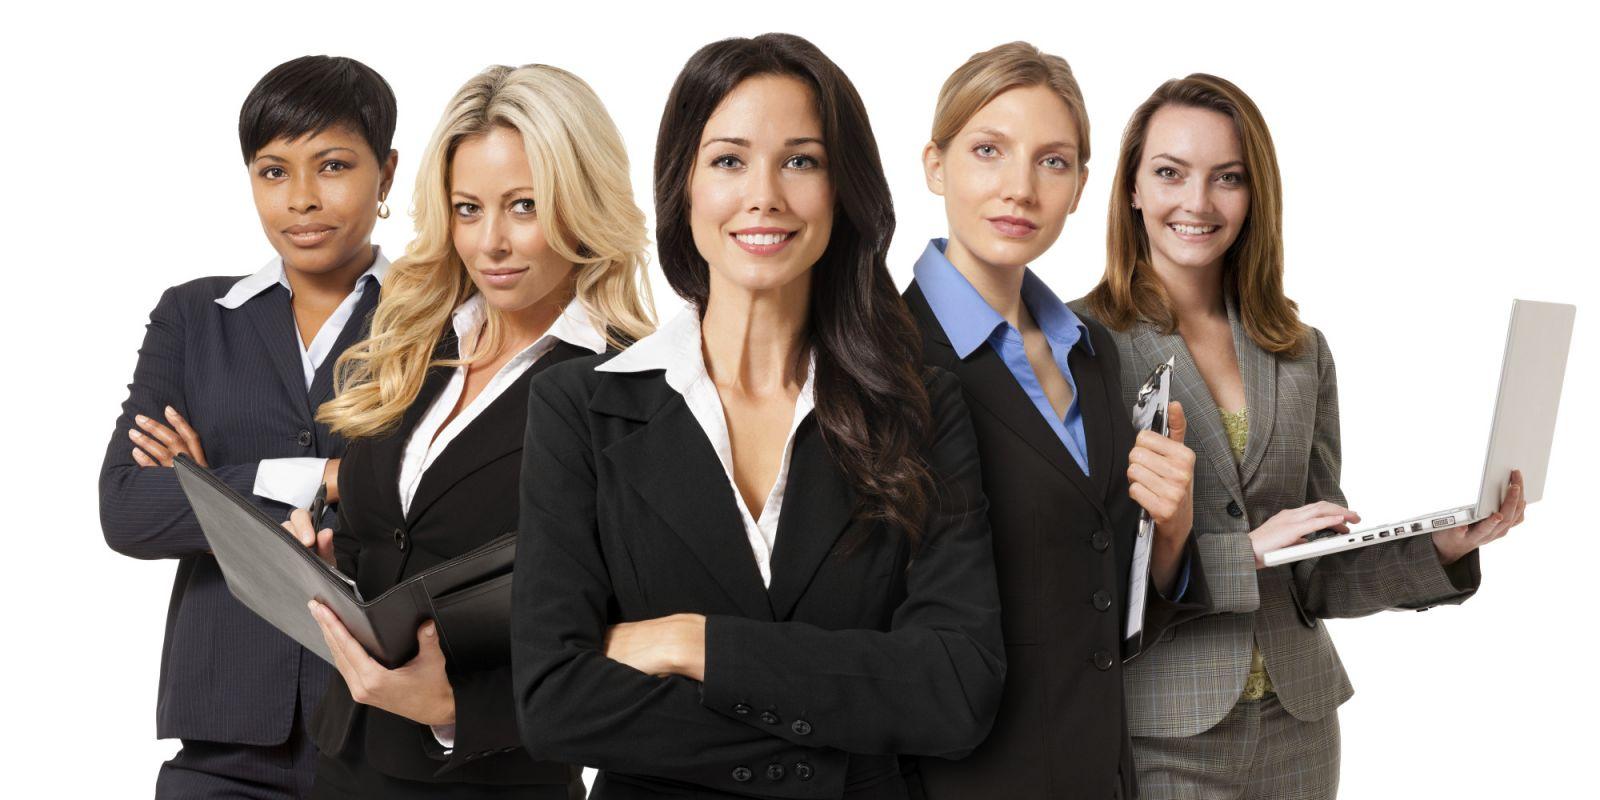 Làm nhân sự thường xuyên phải đối mặt với áp lực tuyển dụng nhân viên chất lượng cho công ty